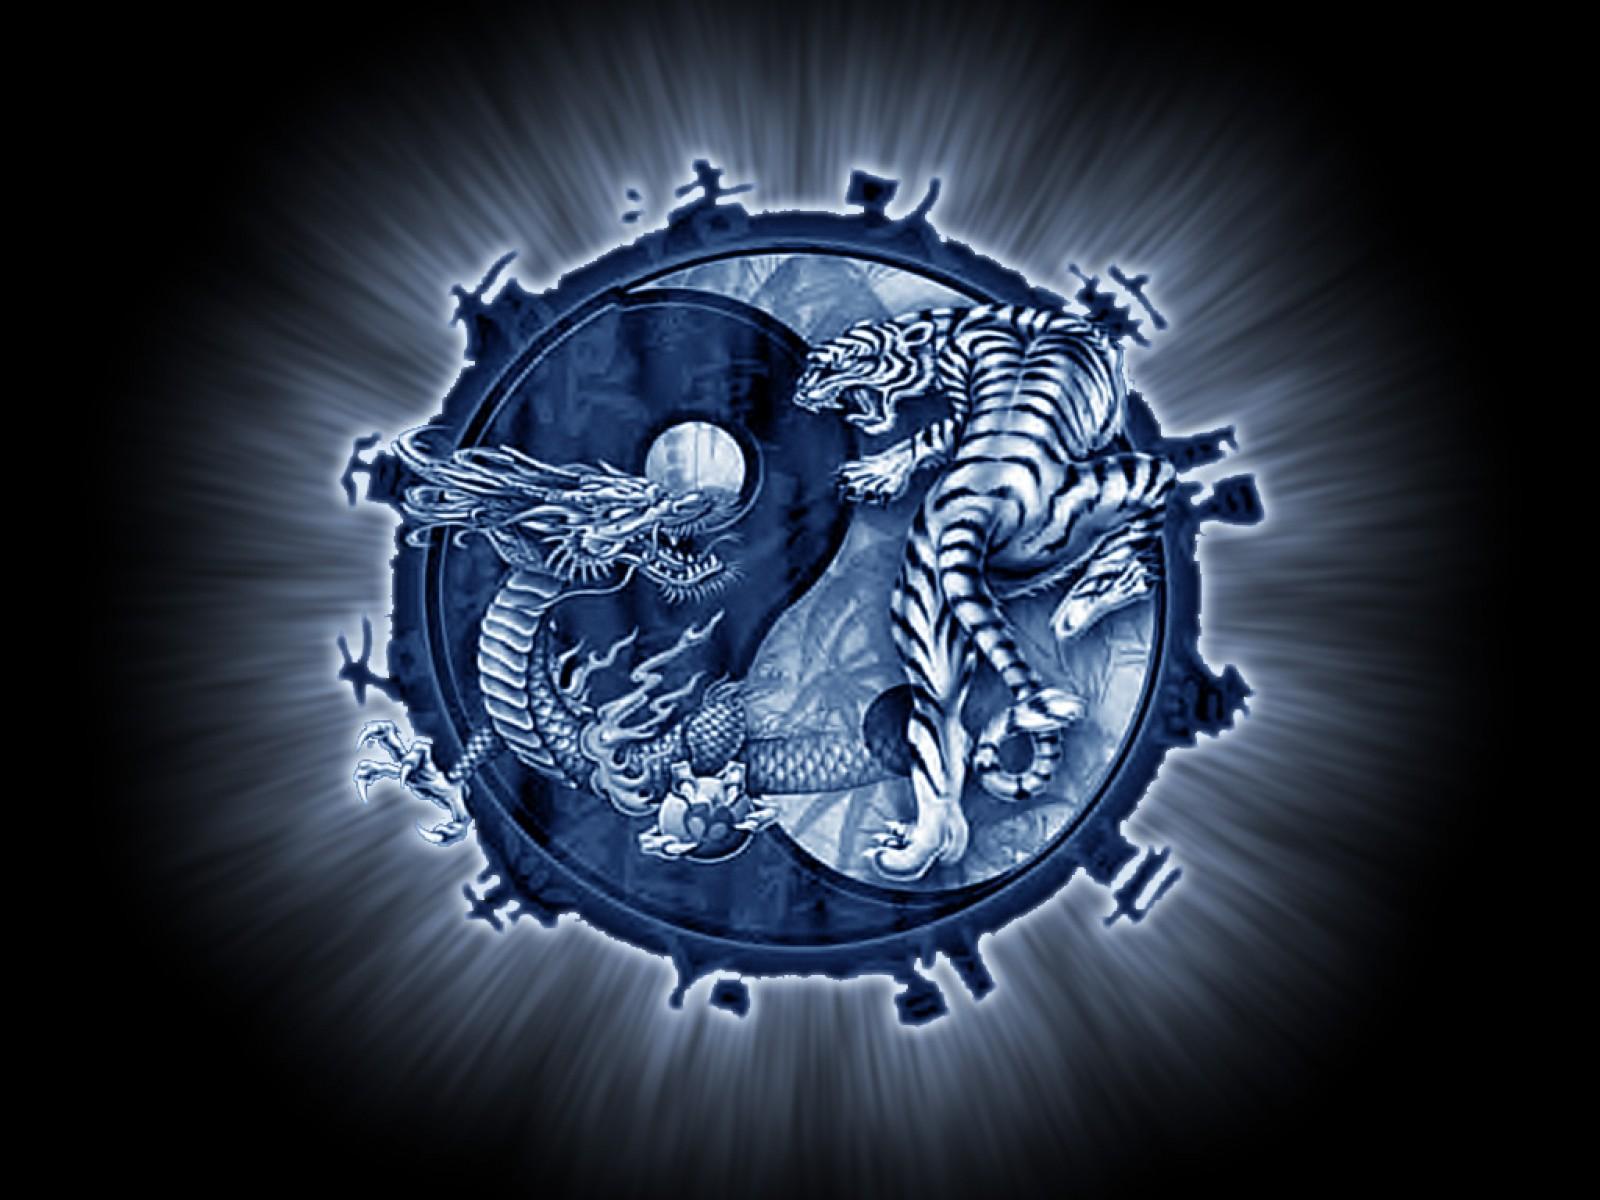 http://1.bp.blogspot.com/_CofbbW_Hsos/TE26RTd0ikI/AAAAAAAAA3c/sw608Brl7I8/s1600/13166.jpg